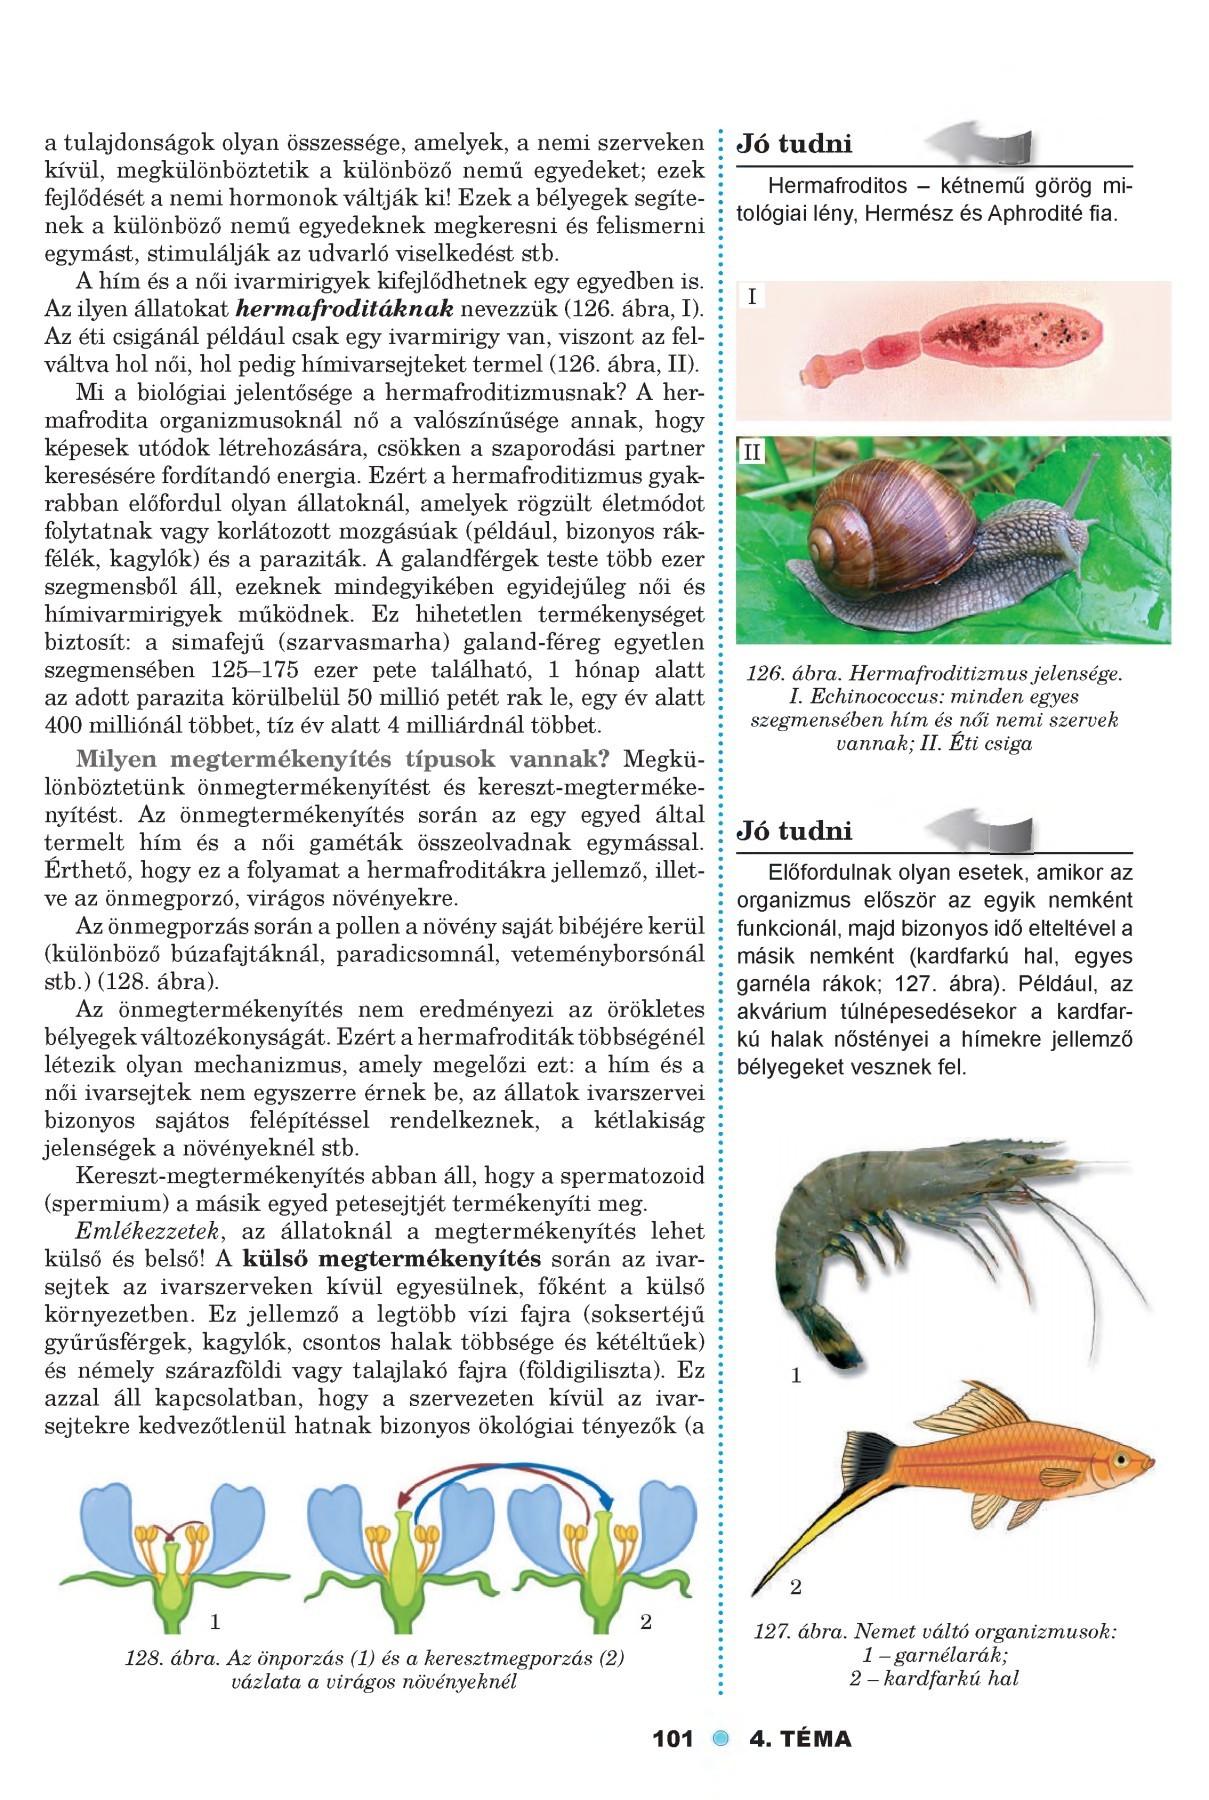 helminták és megelőzés)